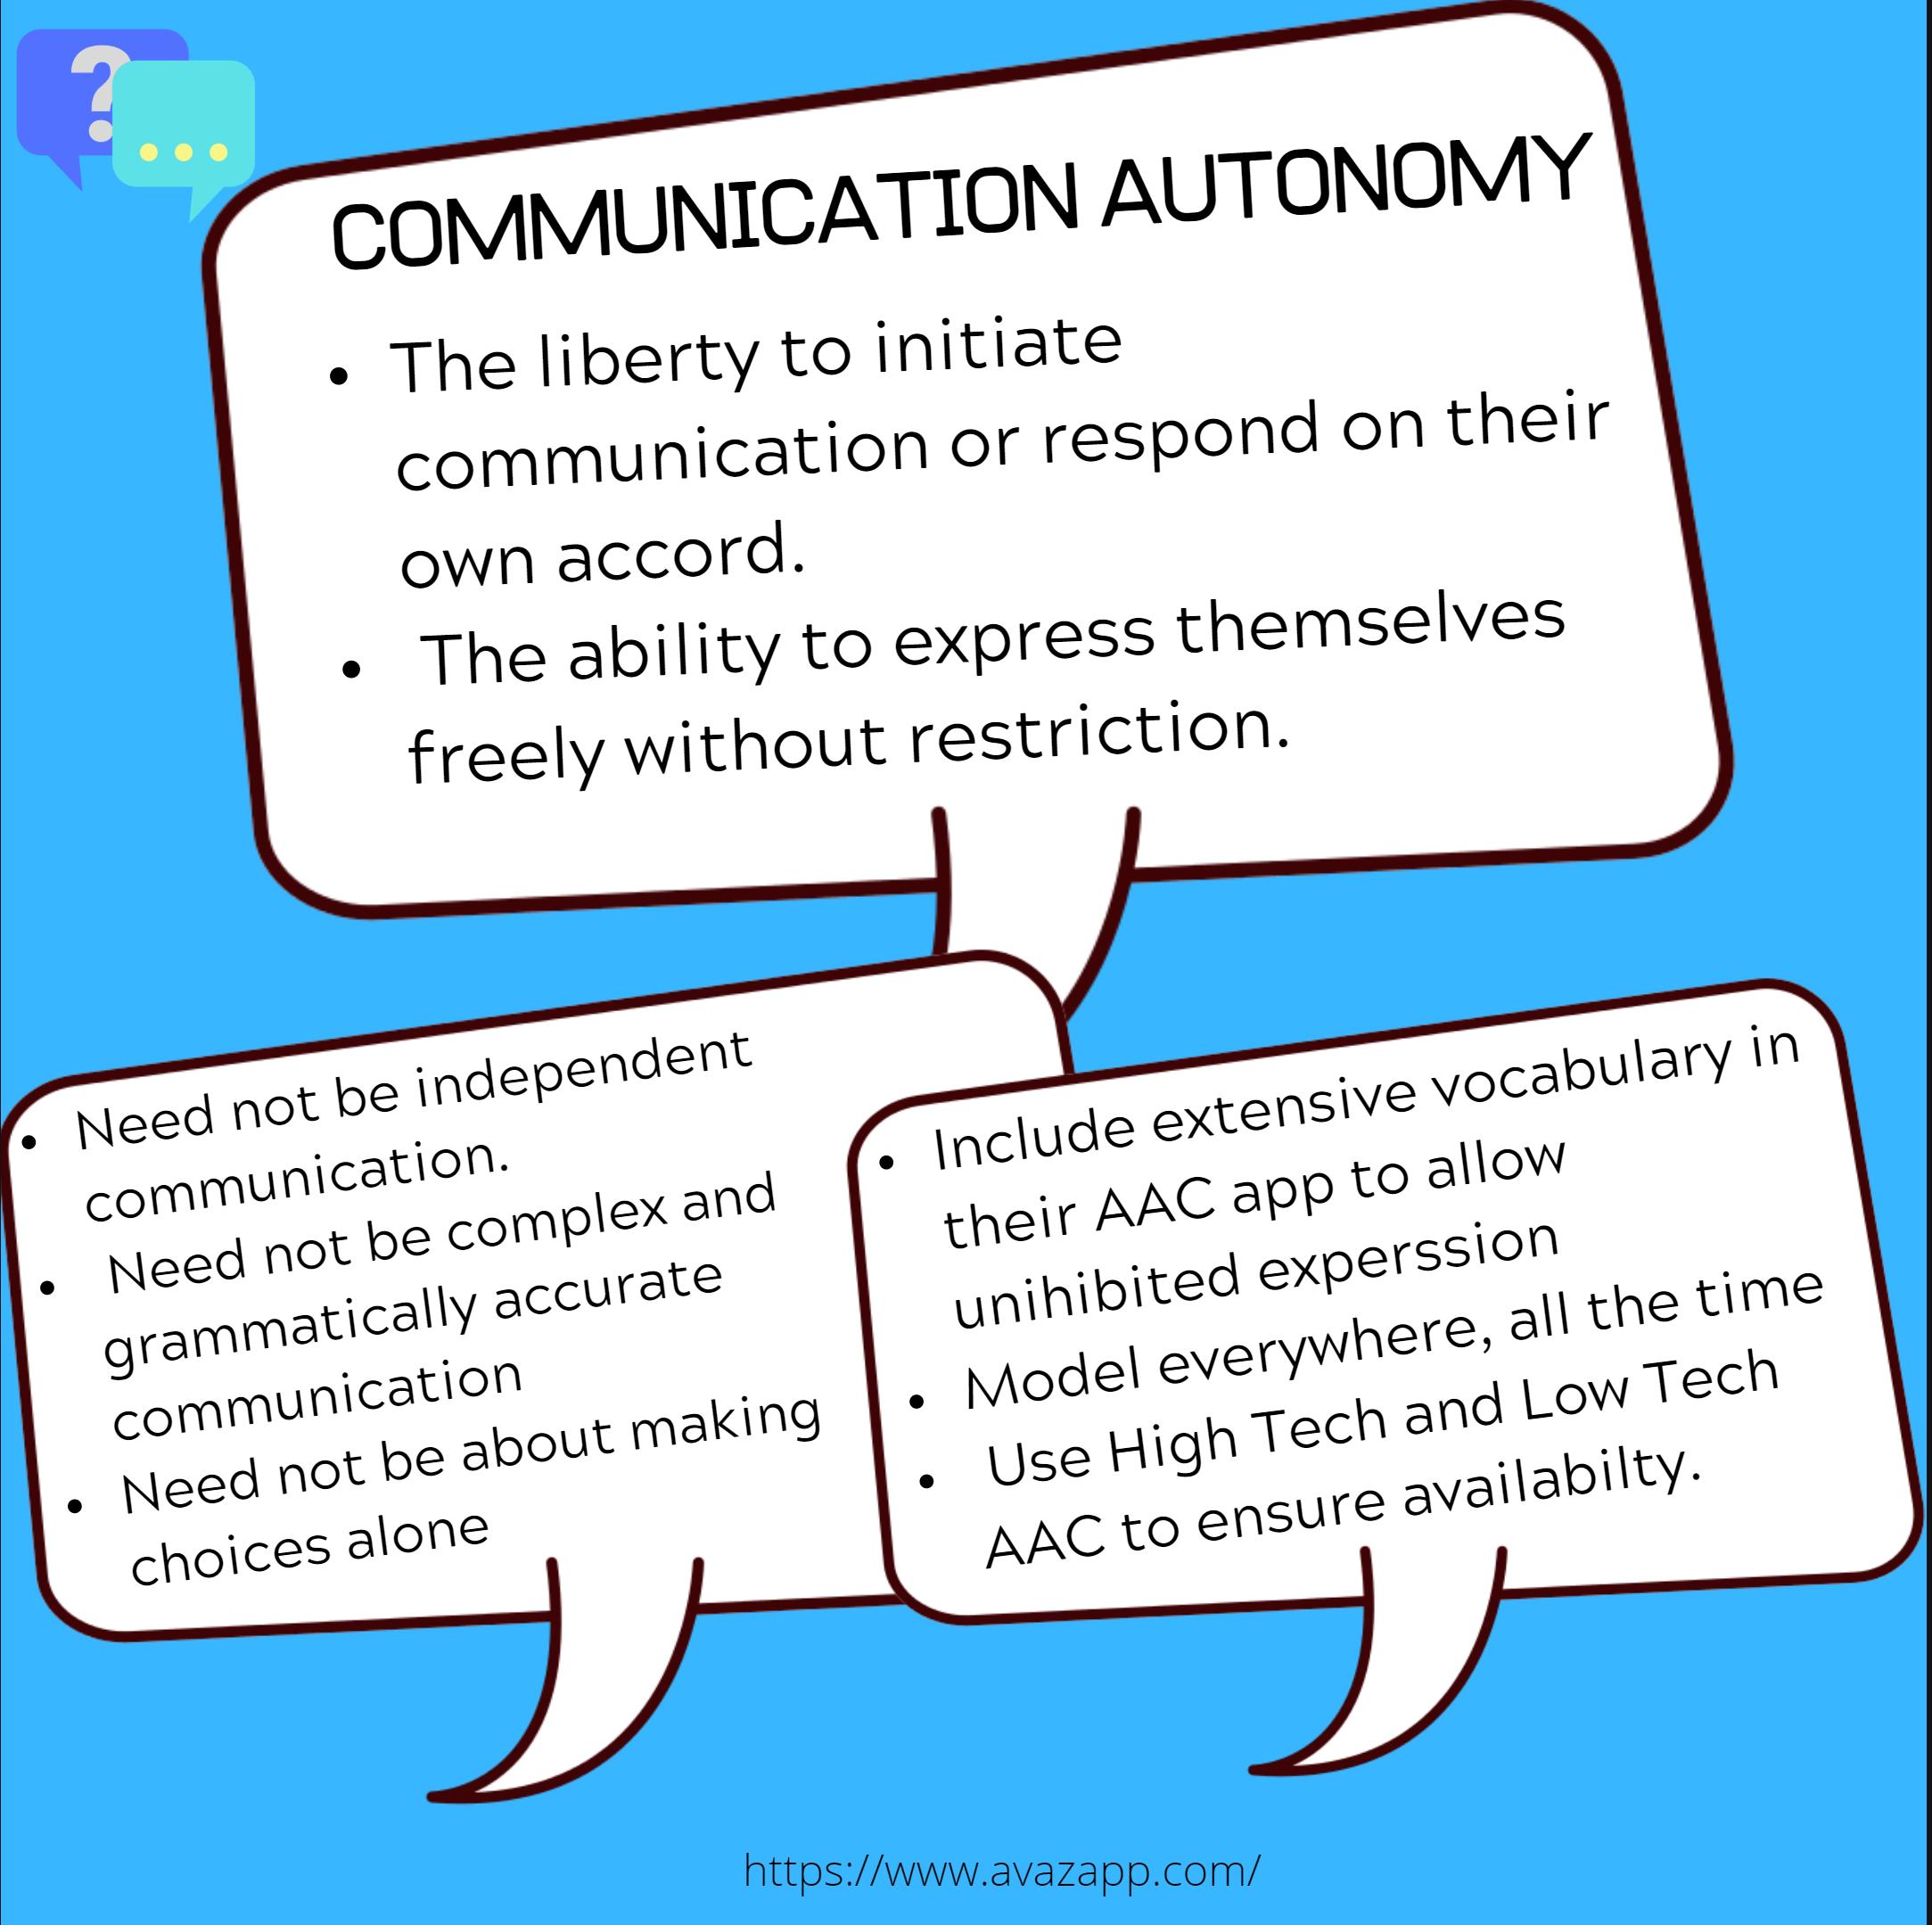 Autonomous communication